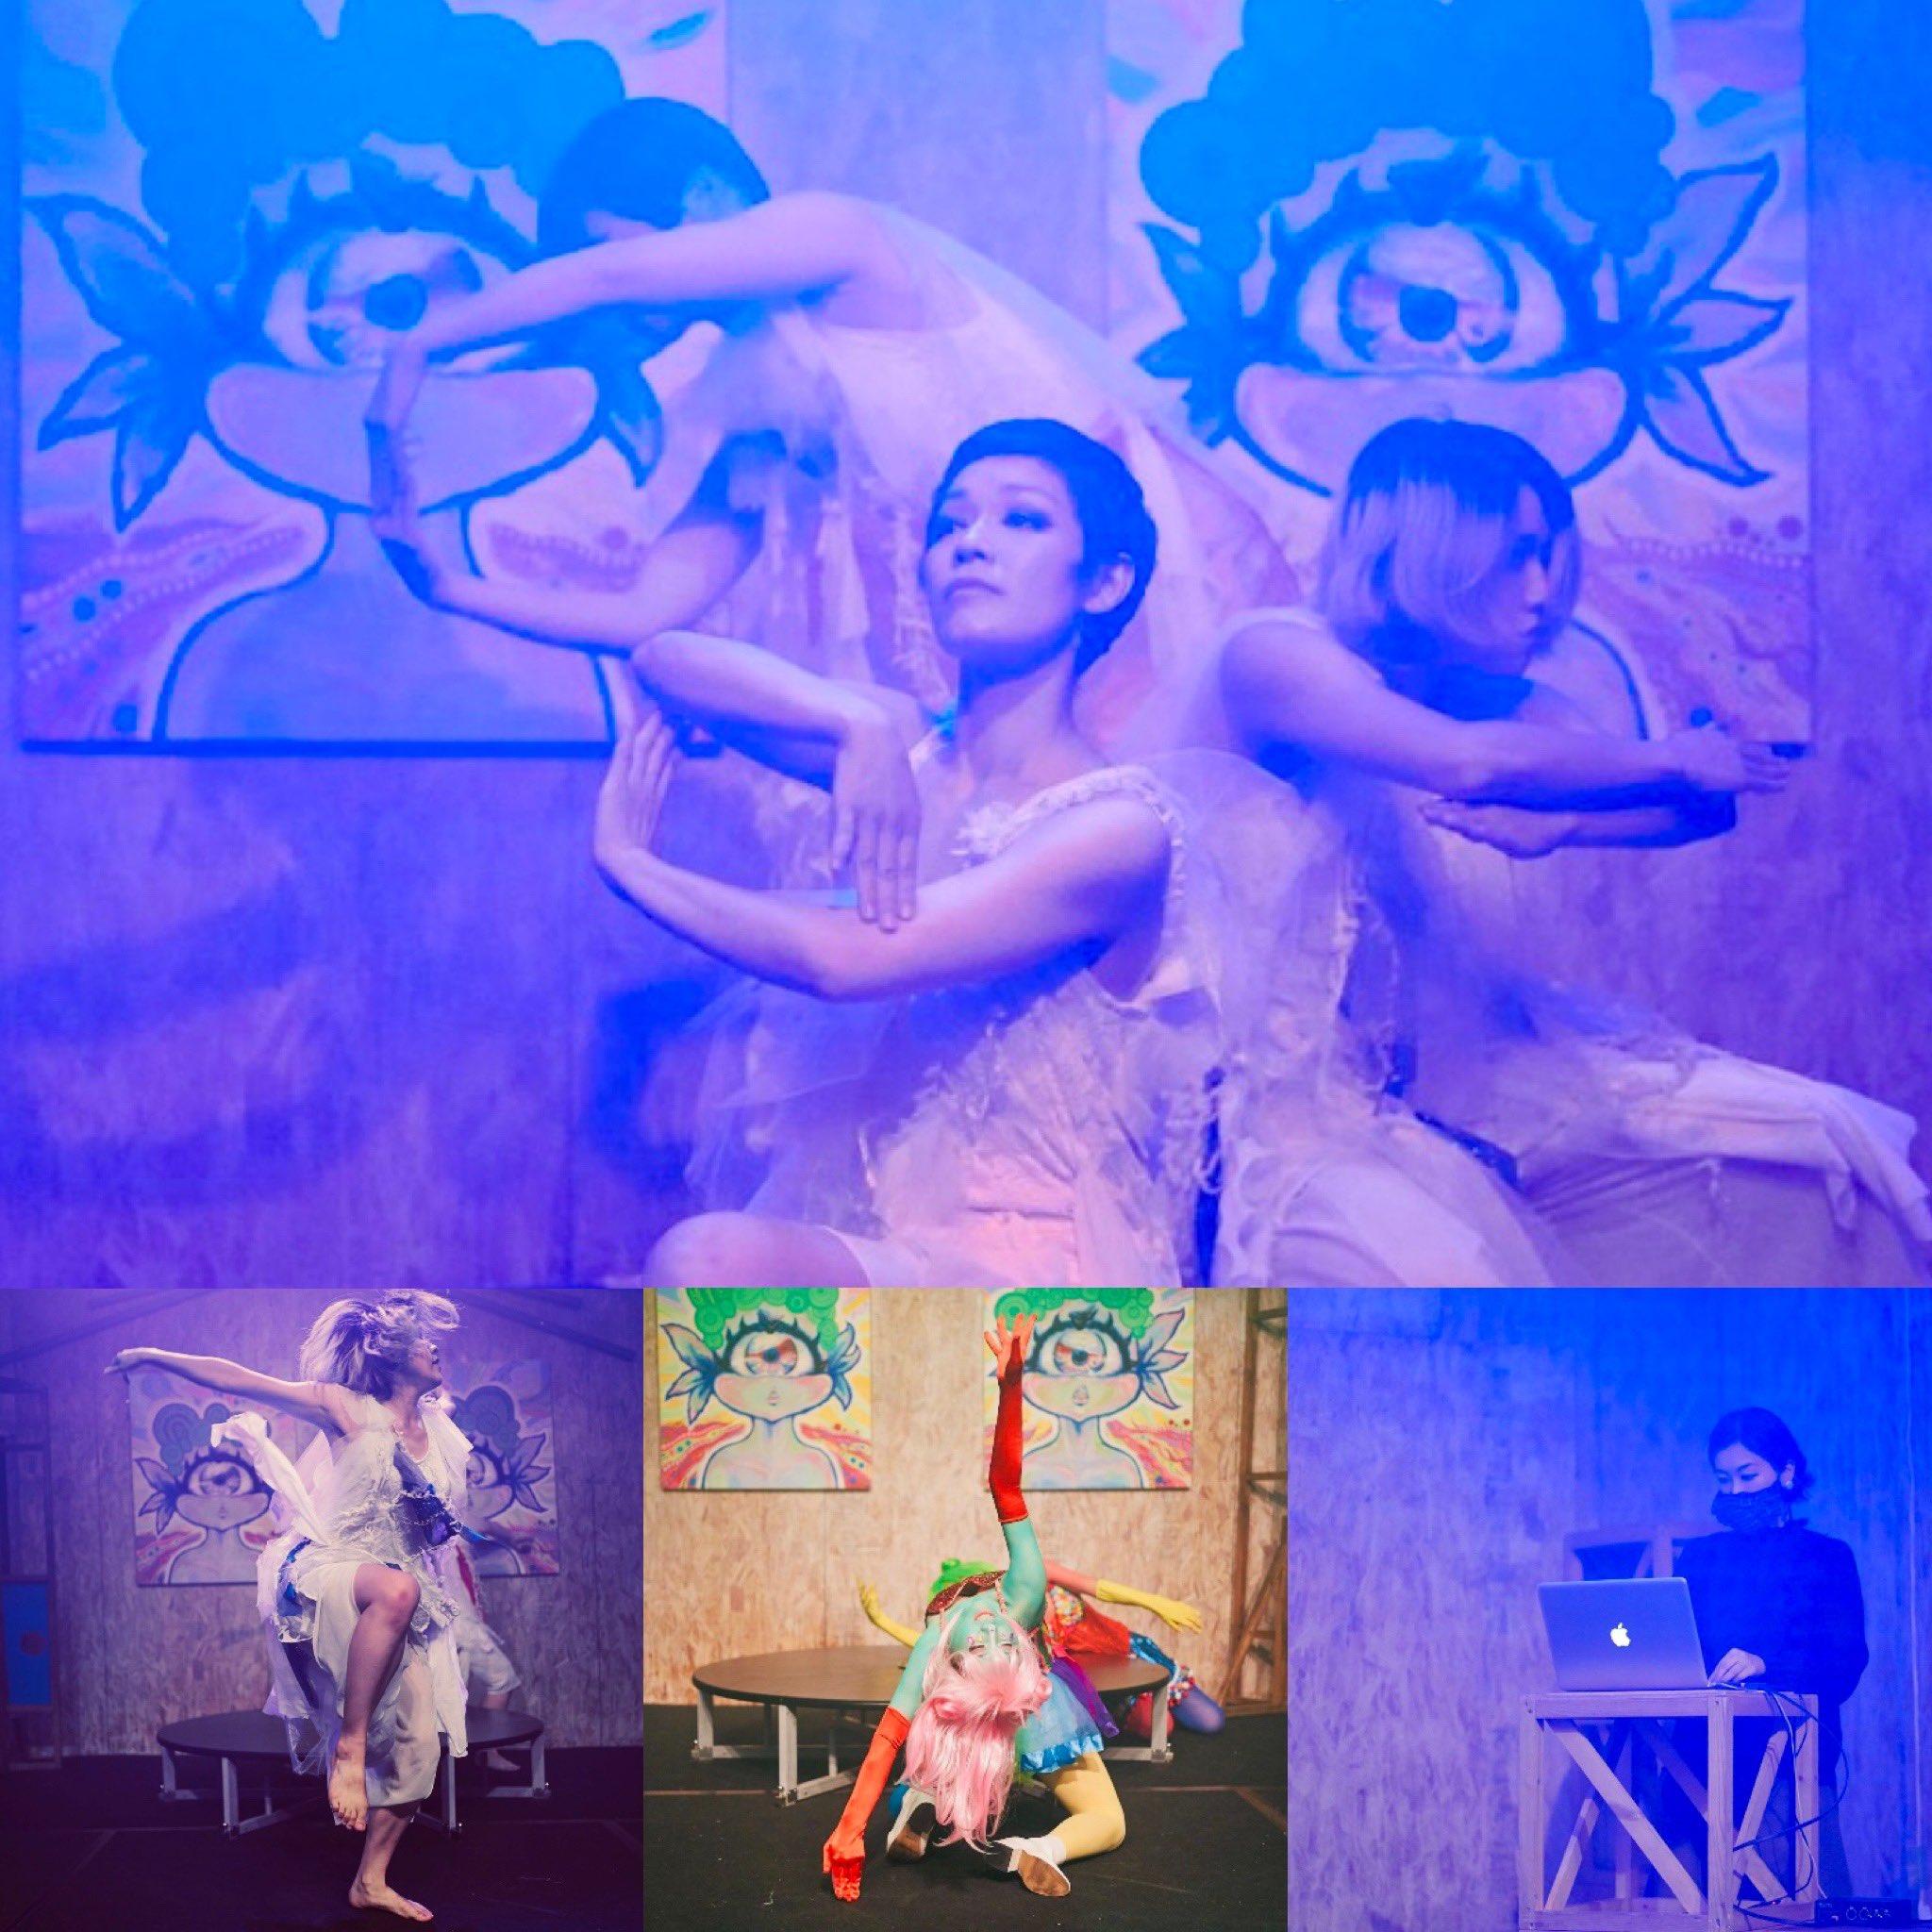 オーディション [大阪]アートの町でアートなパフォーマンス 出演メンバー募集 主催:アートプロジェクト集団「鞦韆舘」、カテゴリ:アーティスト